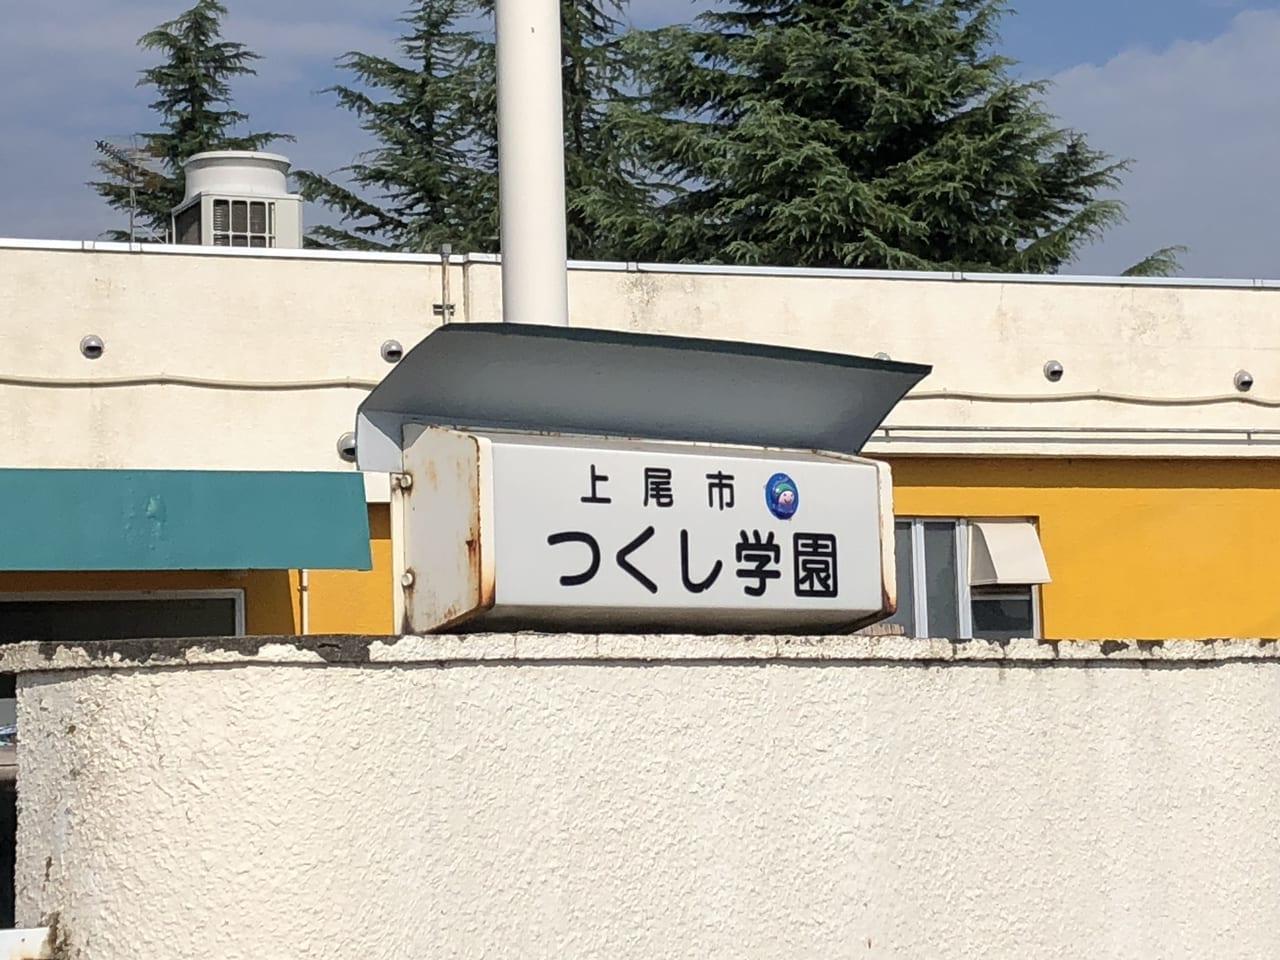 【上尾市】運動会の季節ですね…♪*゚つくし学園運動会が開催されるようです…♪*゚